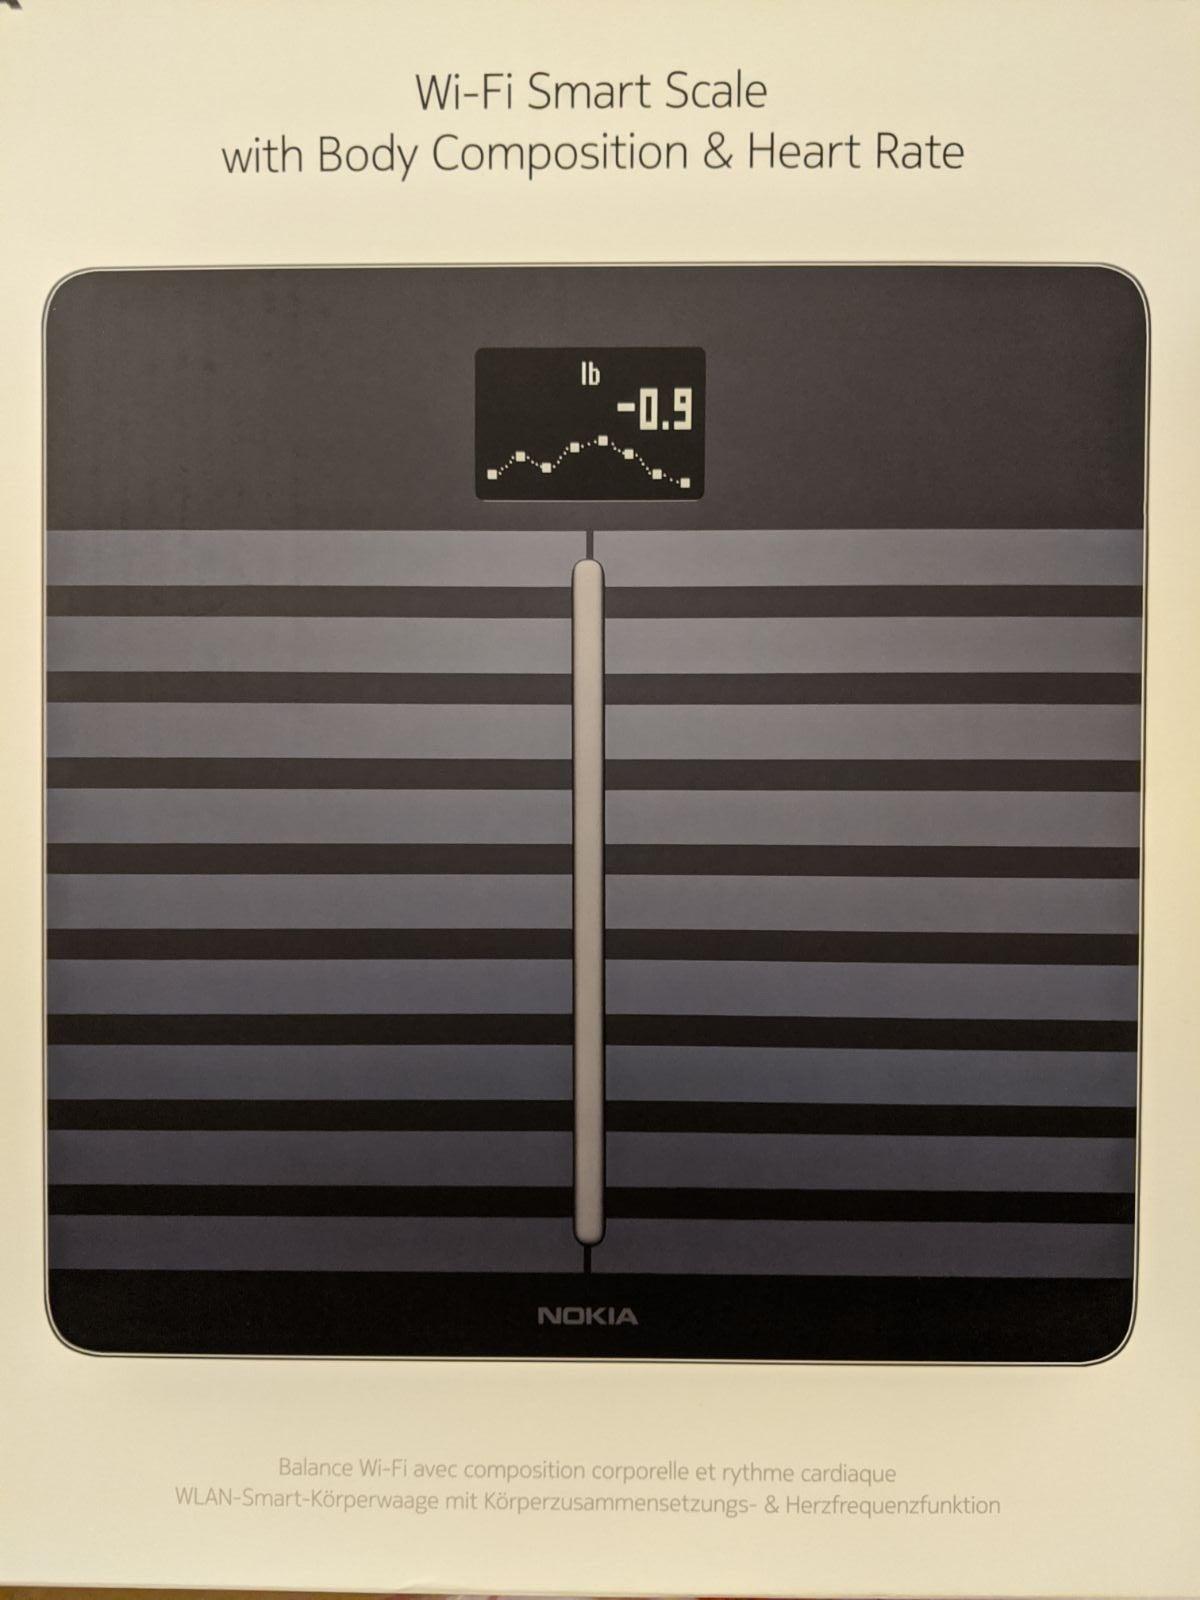 Nokia Body Cardio Wi-Fi smart scale